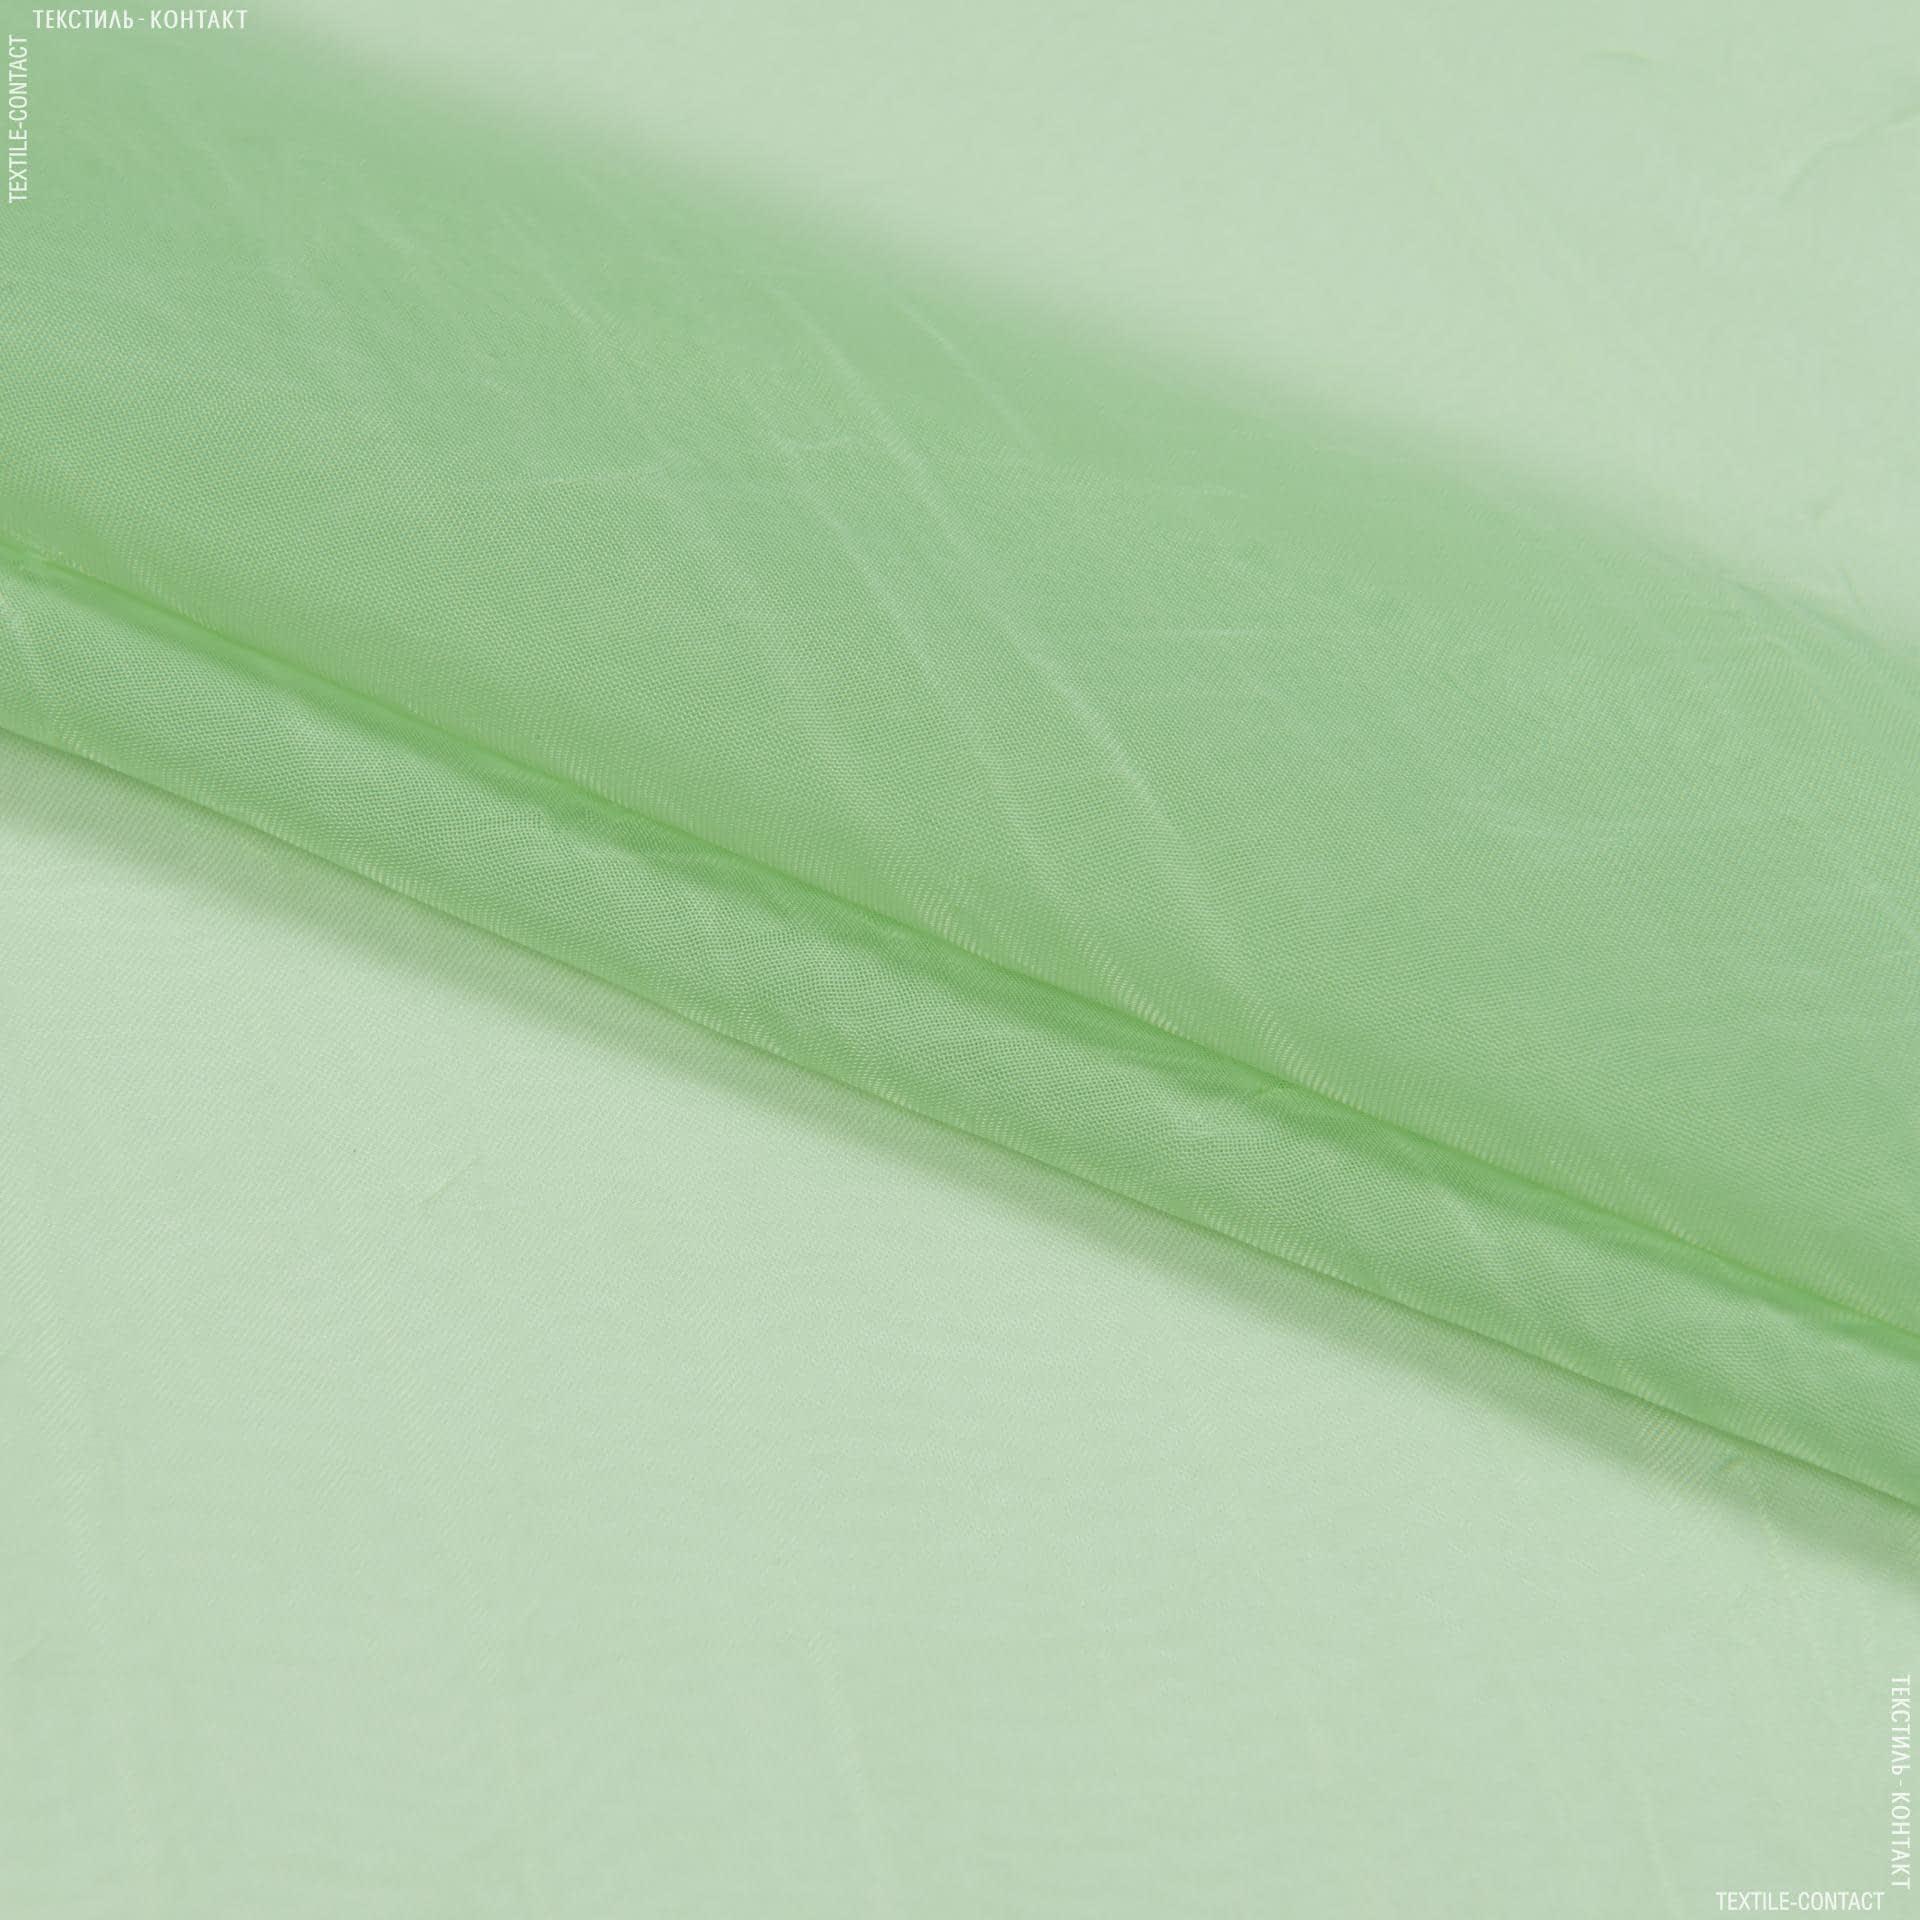 Ткани для драпировки стен и потолков - Тюль   вуаль креш с утяжелителем салатовый